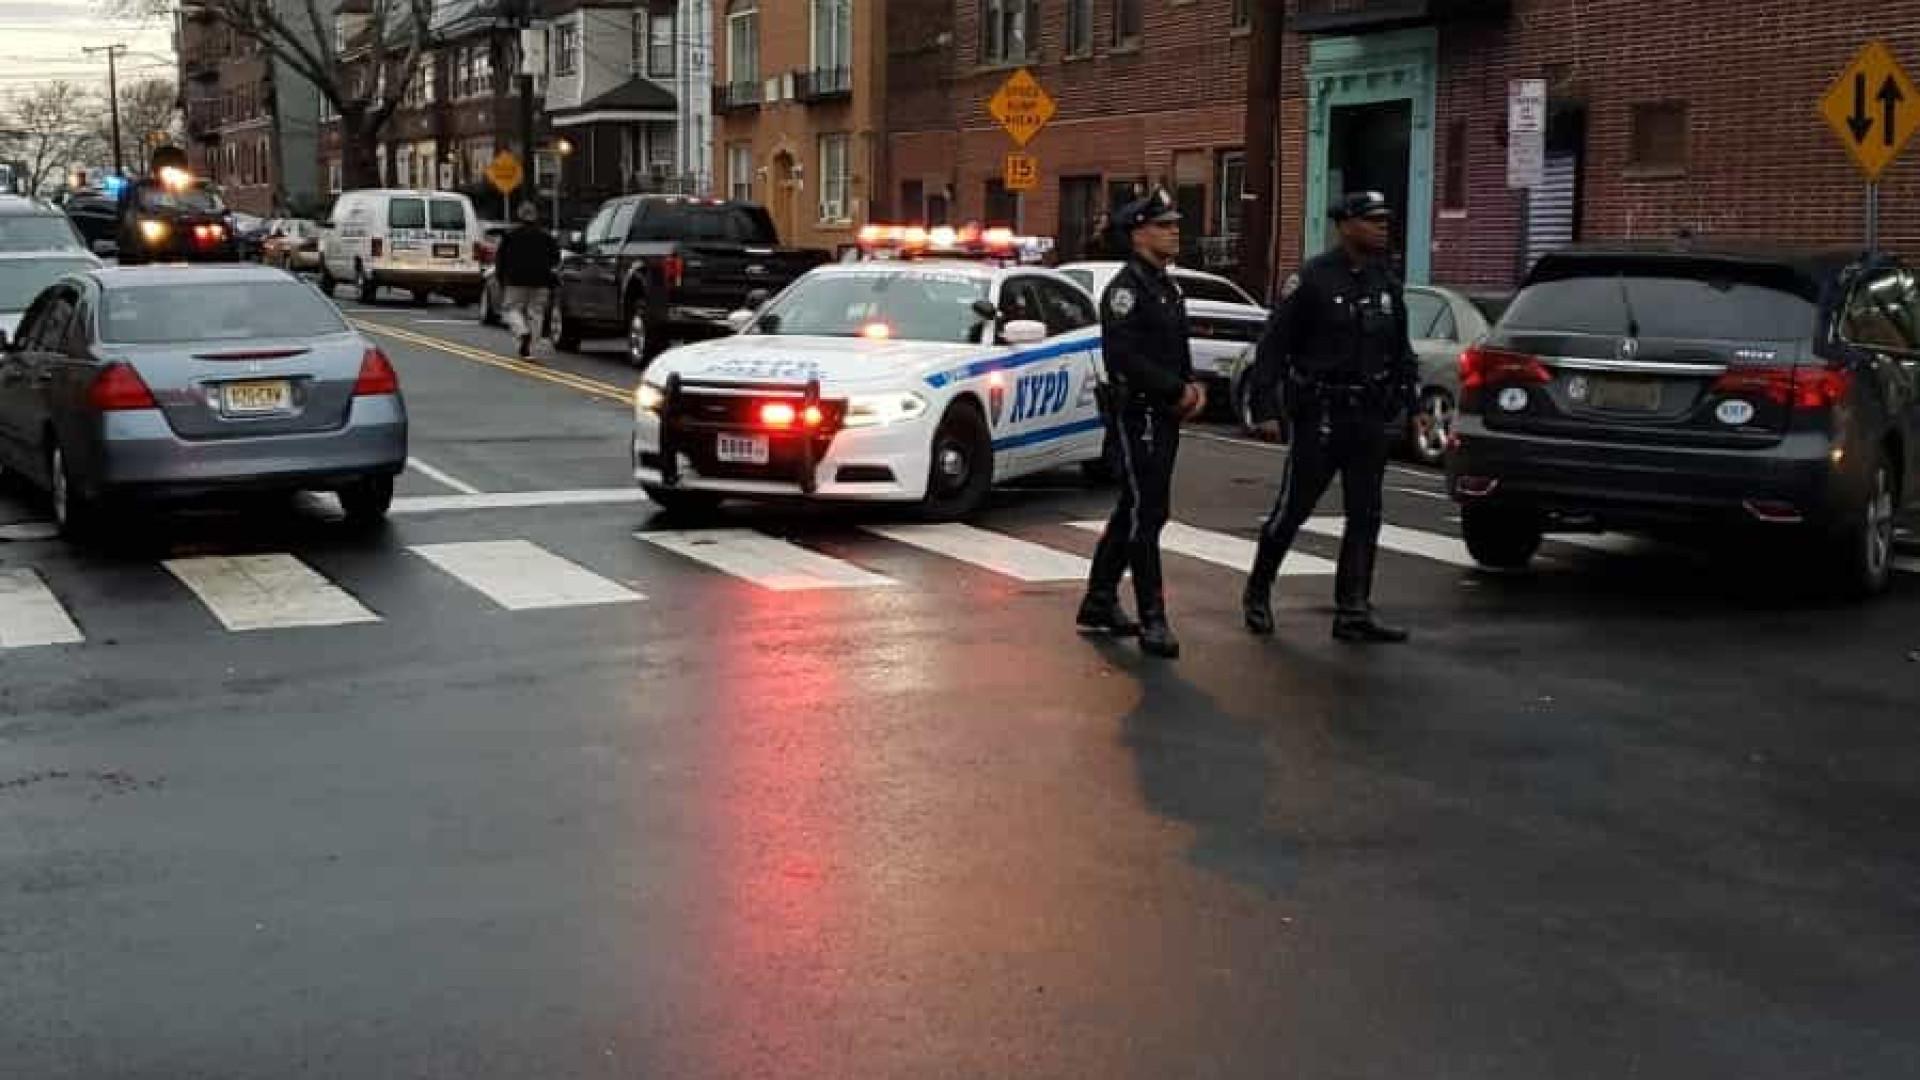 """Autoridades dão conta de """"vários mortos"""" em tiroteio de New Jersey"""